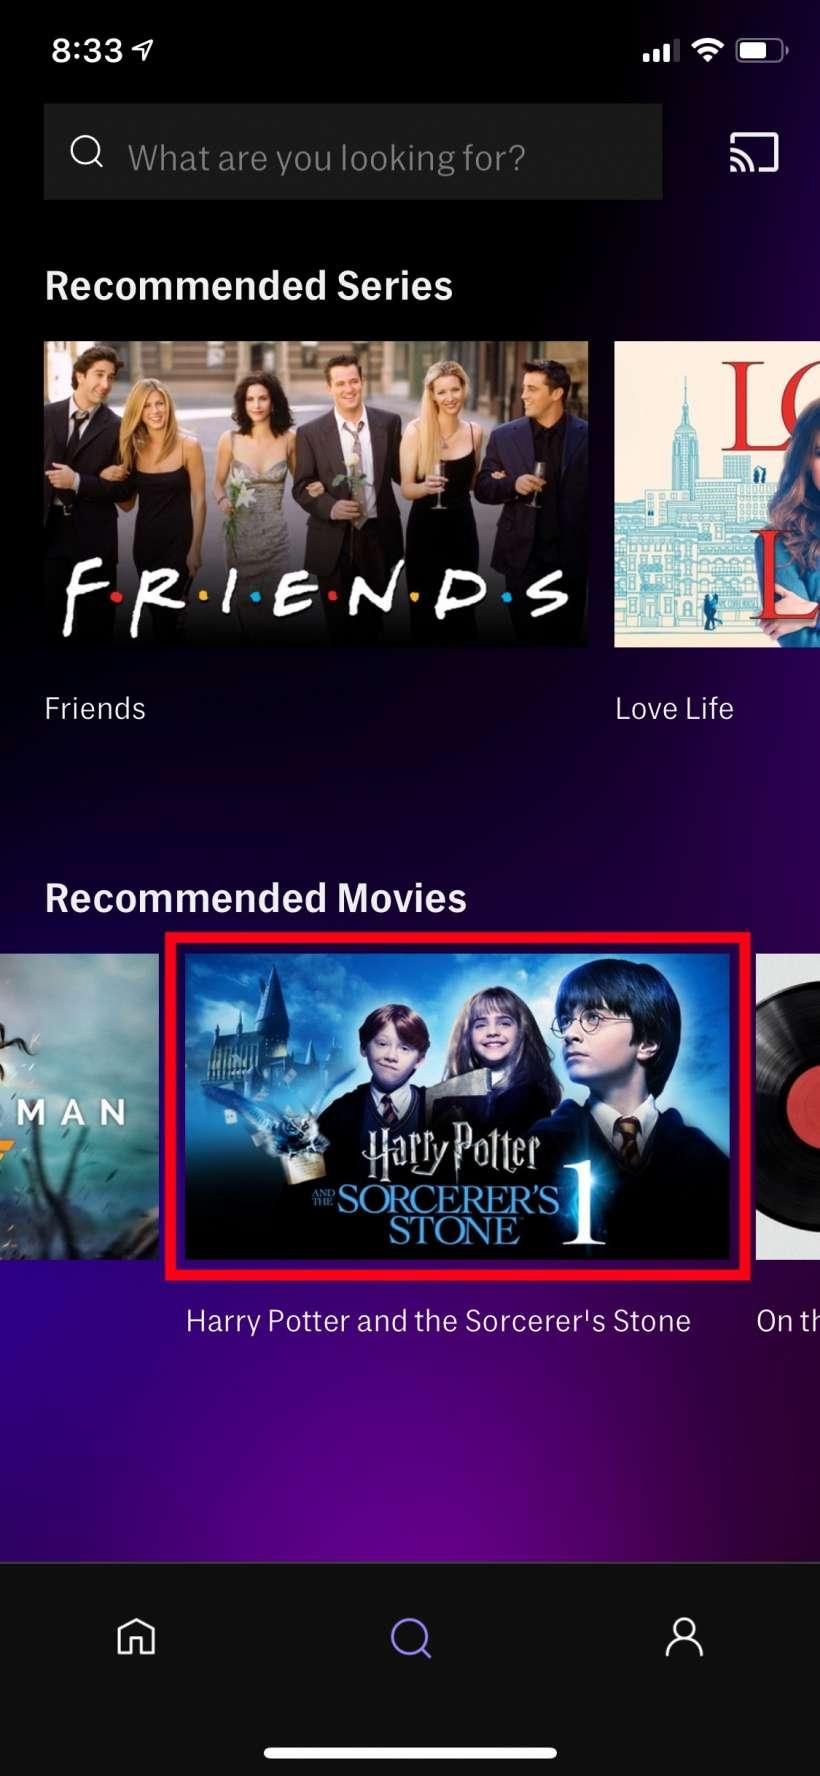 Cara menonton kandungan HBO Max di iPhone anda semasa di luar talian